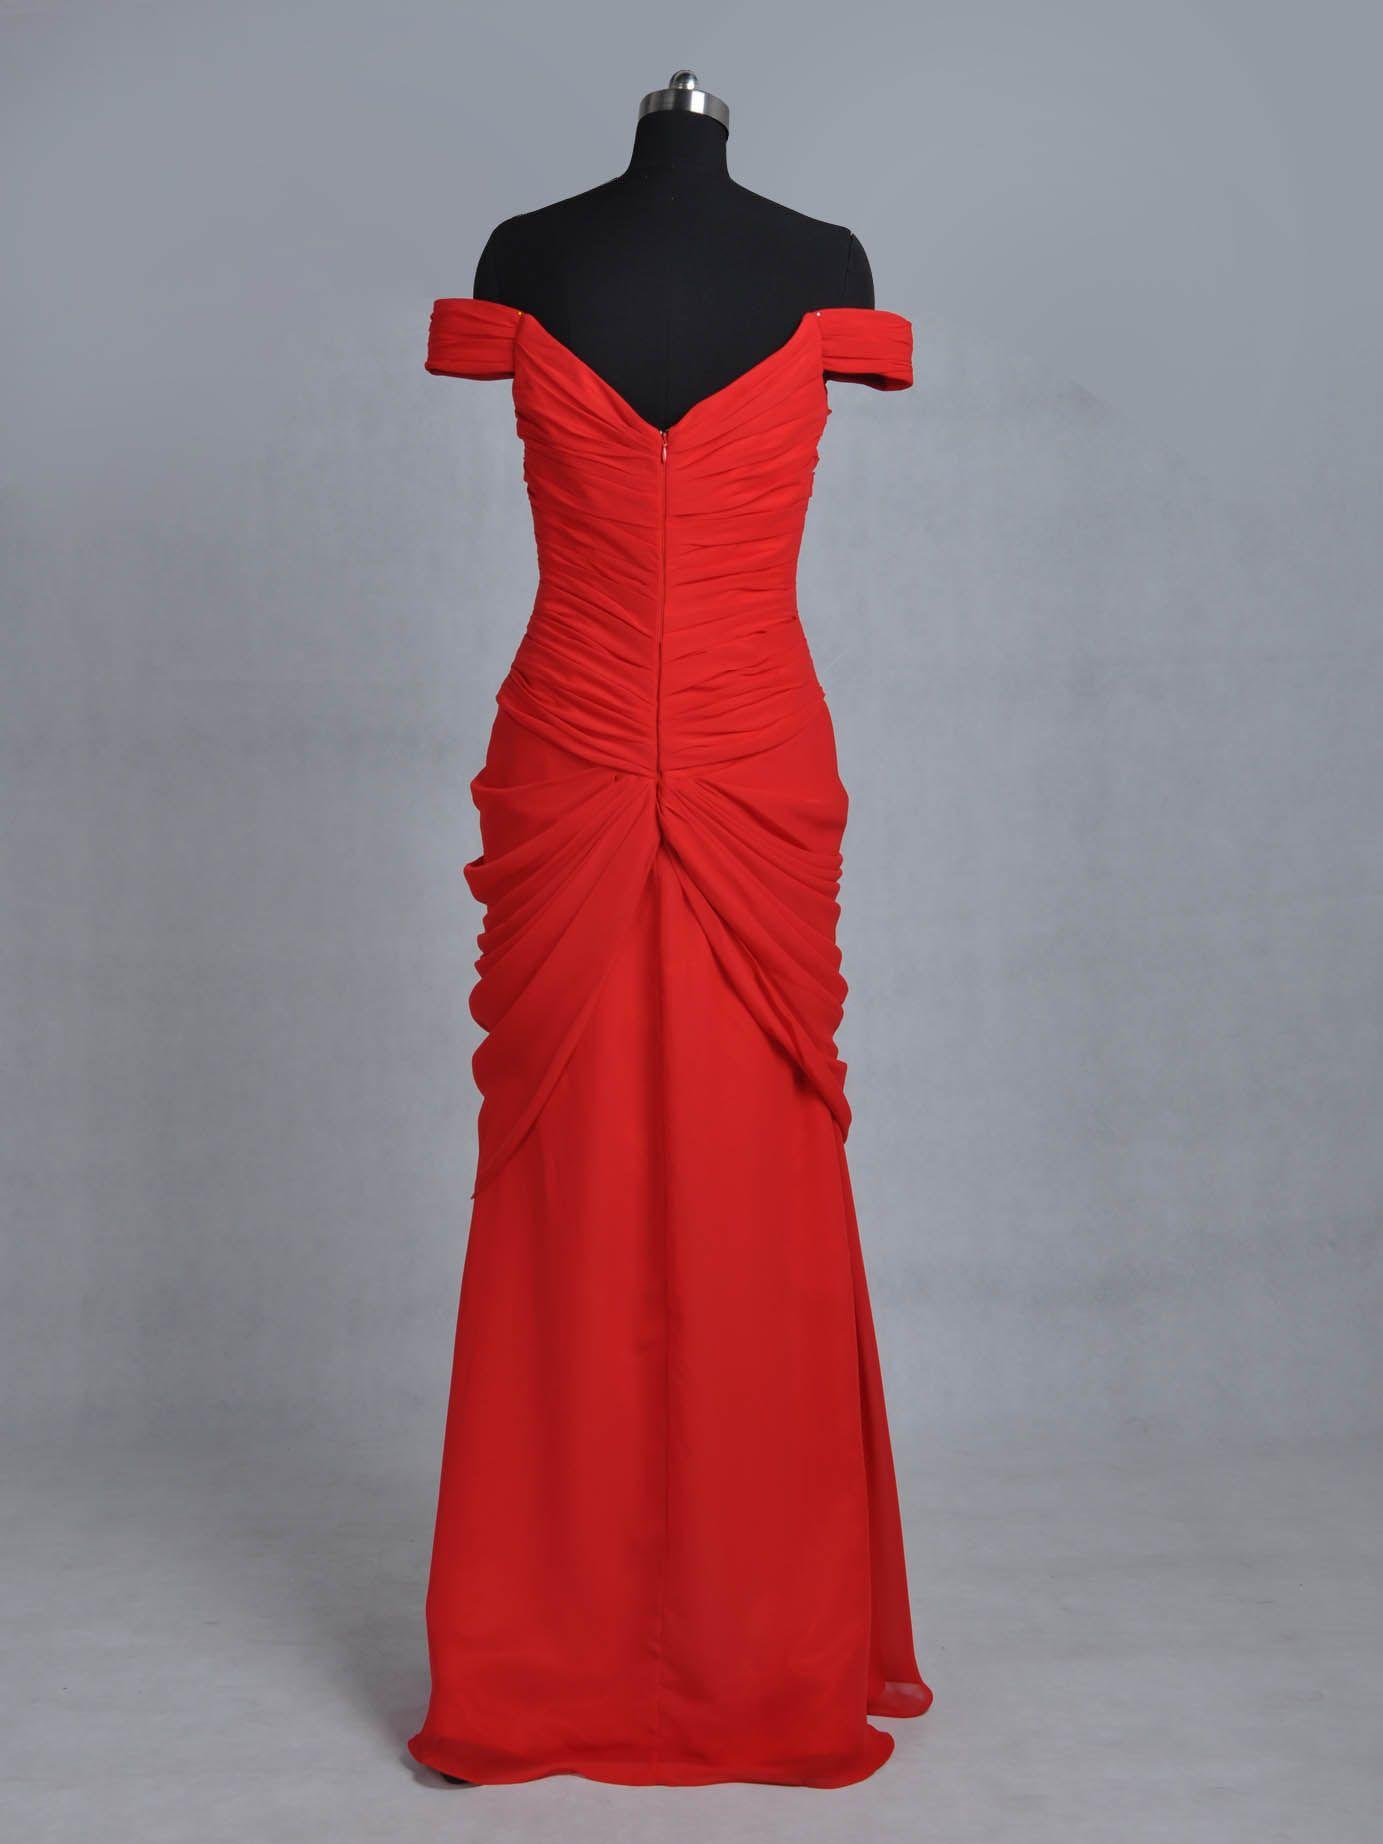 großhandel geschenk ele8245 pretty woman red a line aruched aus der  schulter bodenlangen chiffon abendkleid von smtfashioncompany, 118,54 € auf